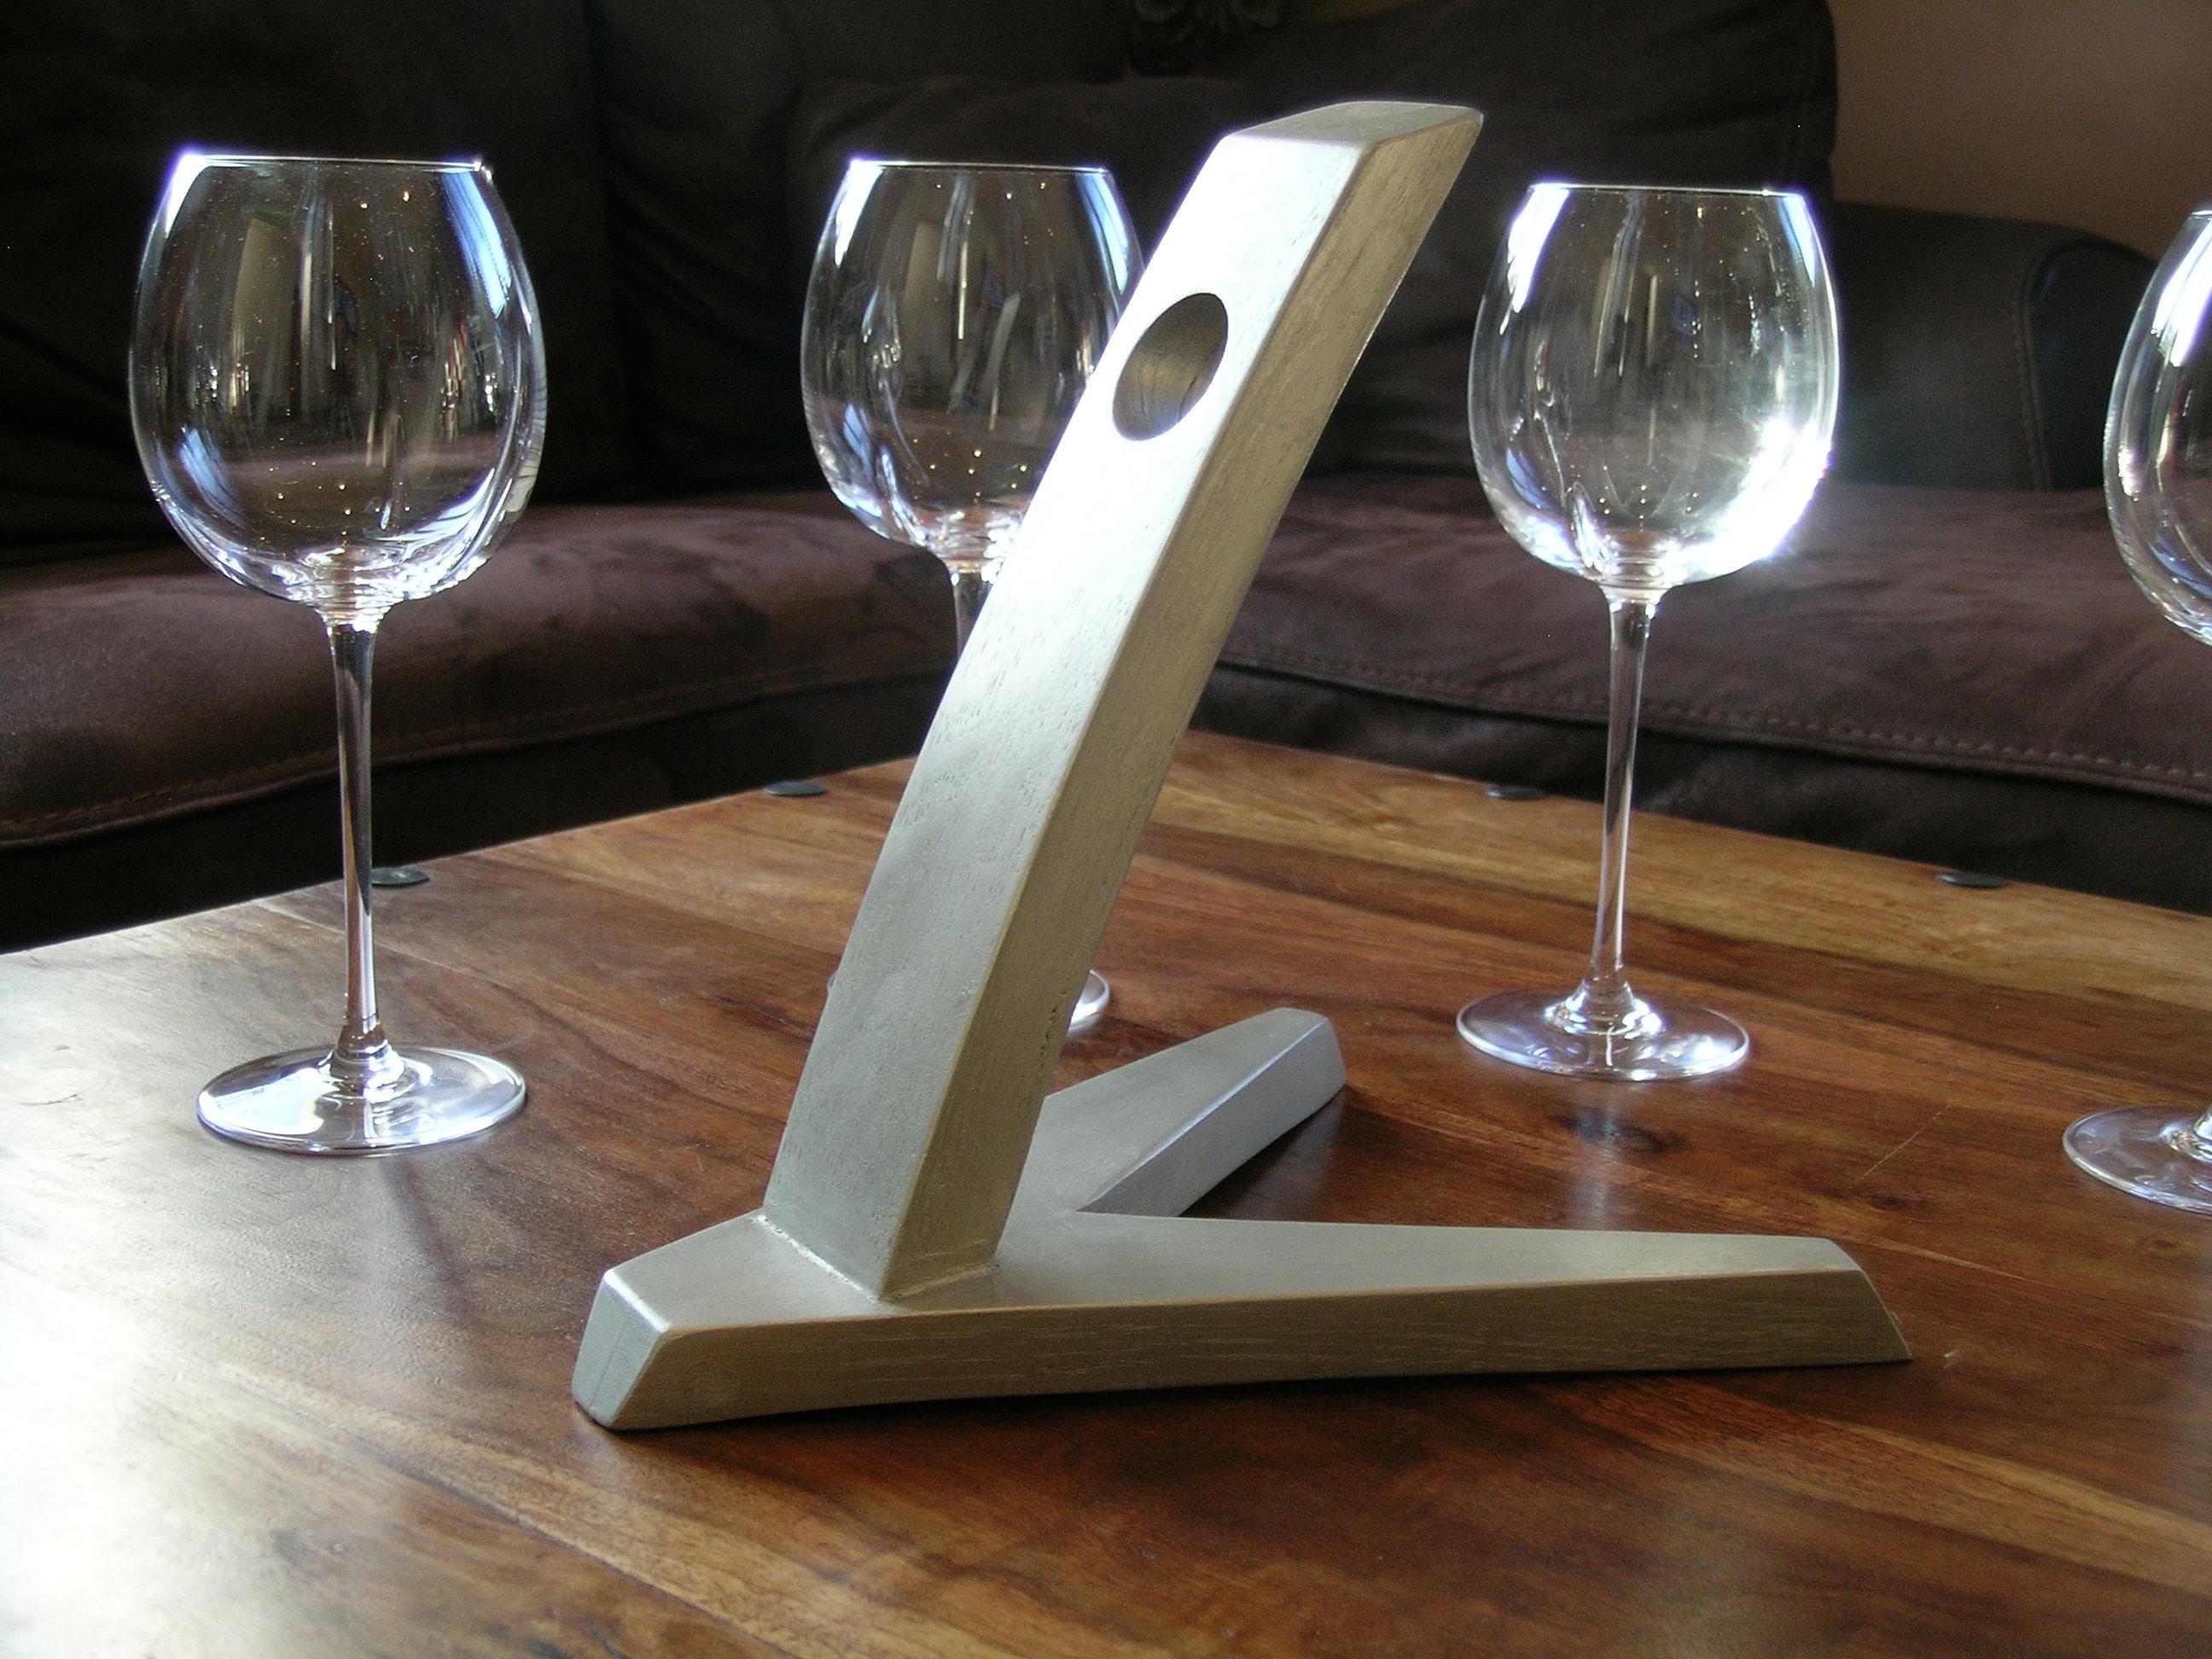 douelledereve mobilier et objets des grands vins accessoires de cave porte bouteille de table. Black Bedroom Furniture Sets. Home Design Ideas